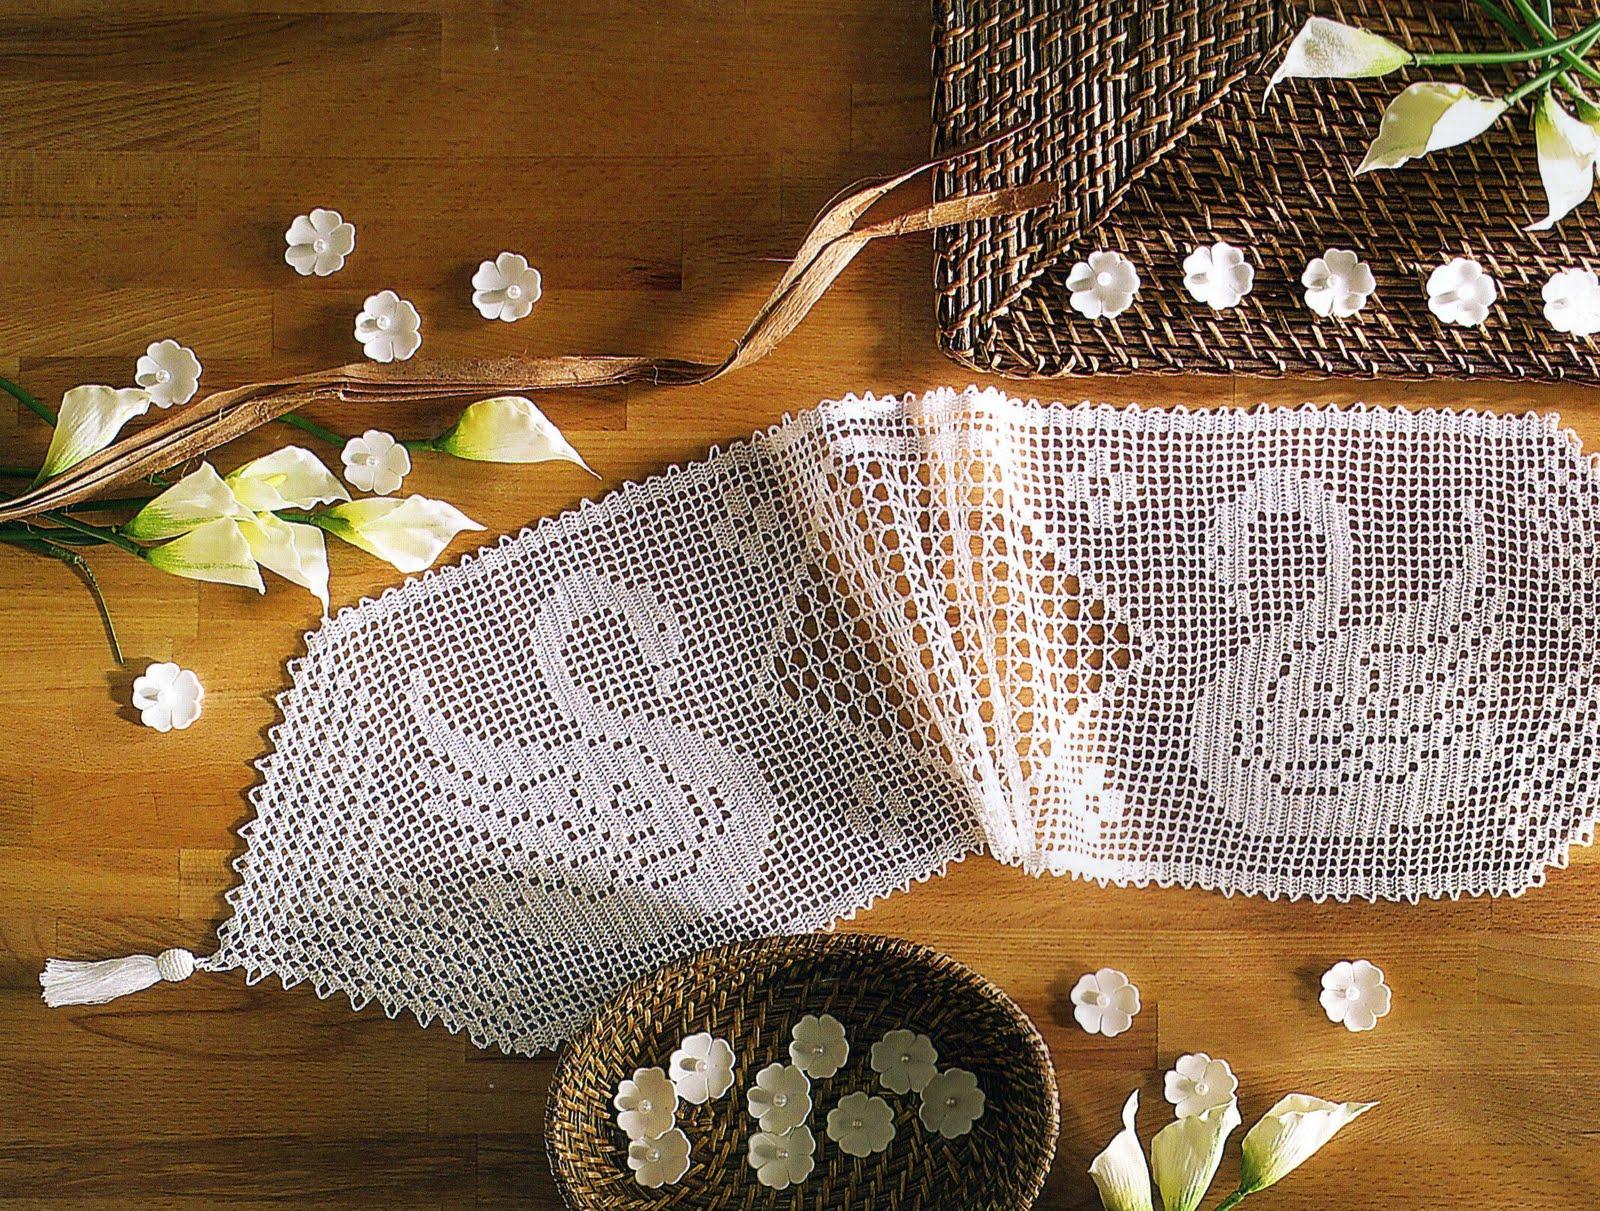 Tejidos artesanales en crochet galeria de imagenes - Camino de mesa elegante en crochet ...